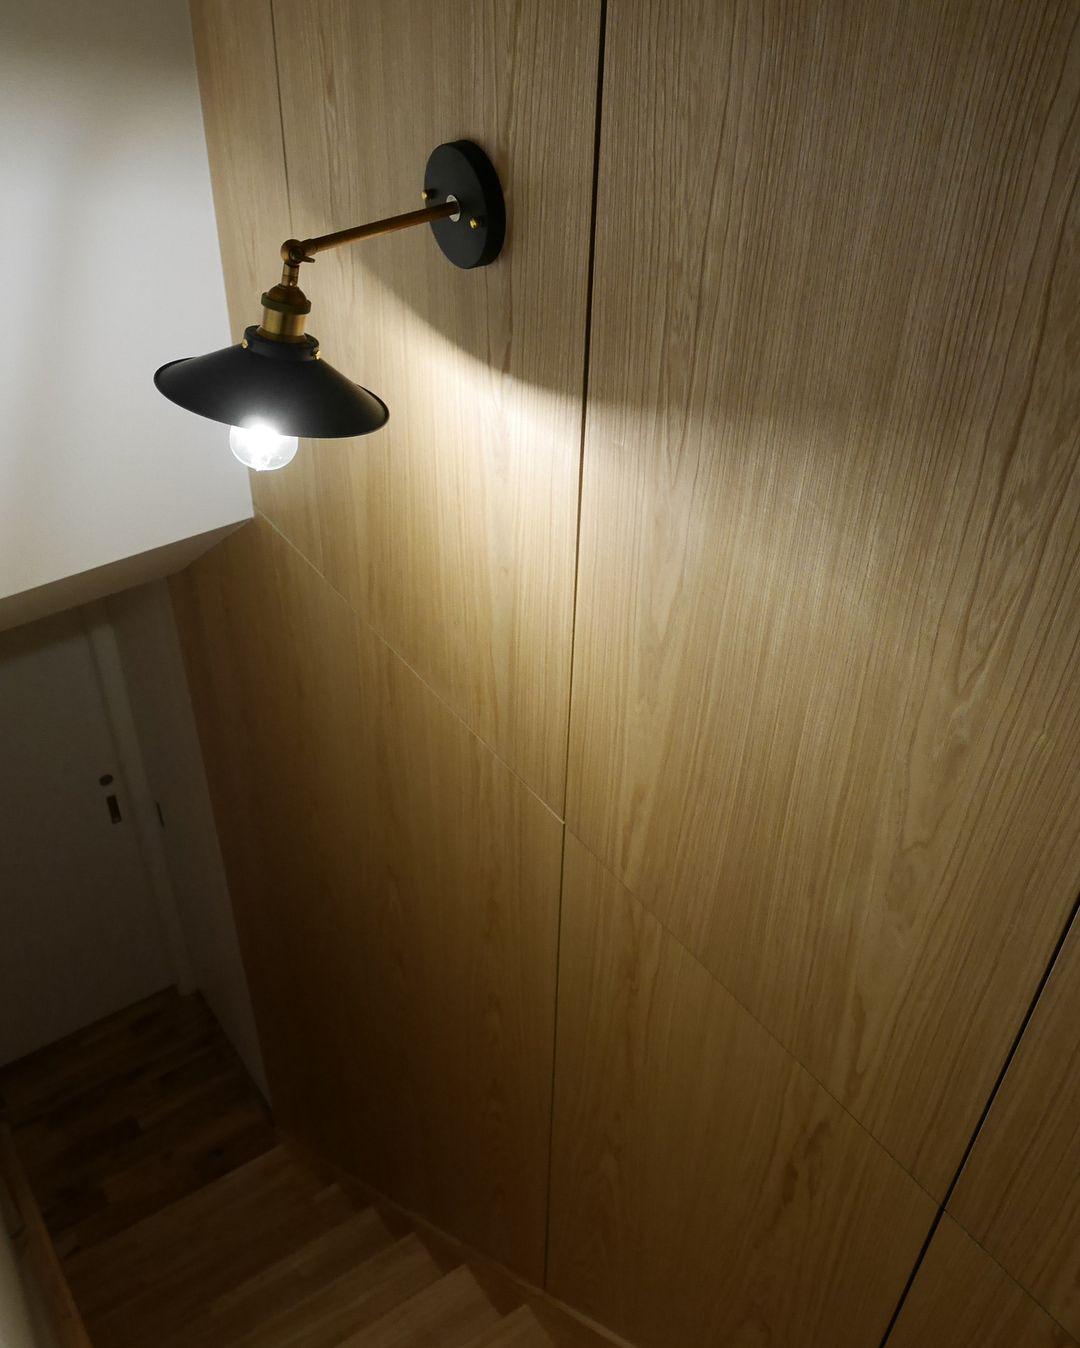 Um Rph Instagram 隠れ部屋のある家 我が家の旦那 家づくりを